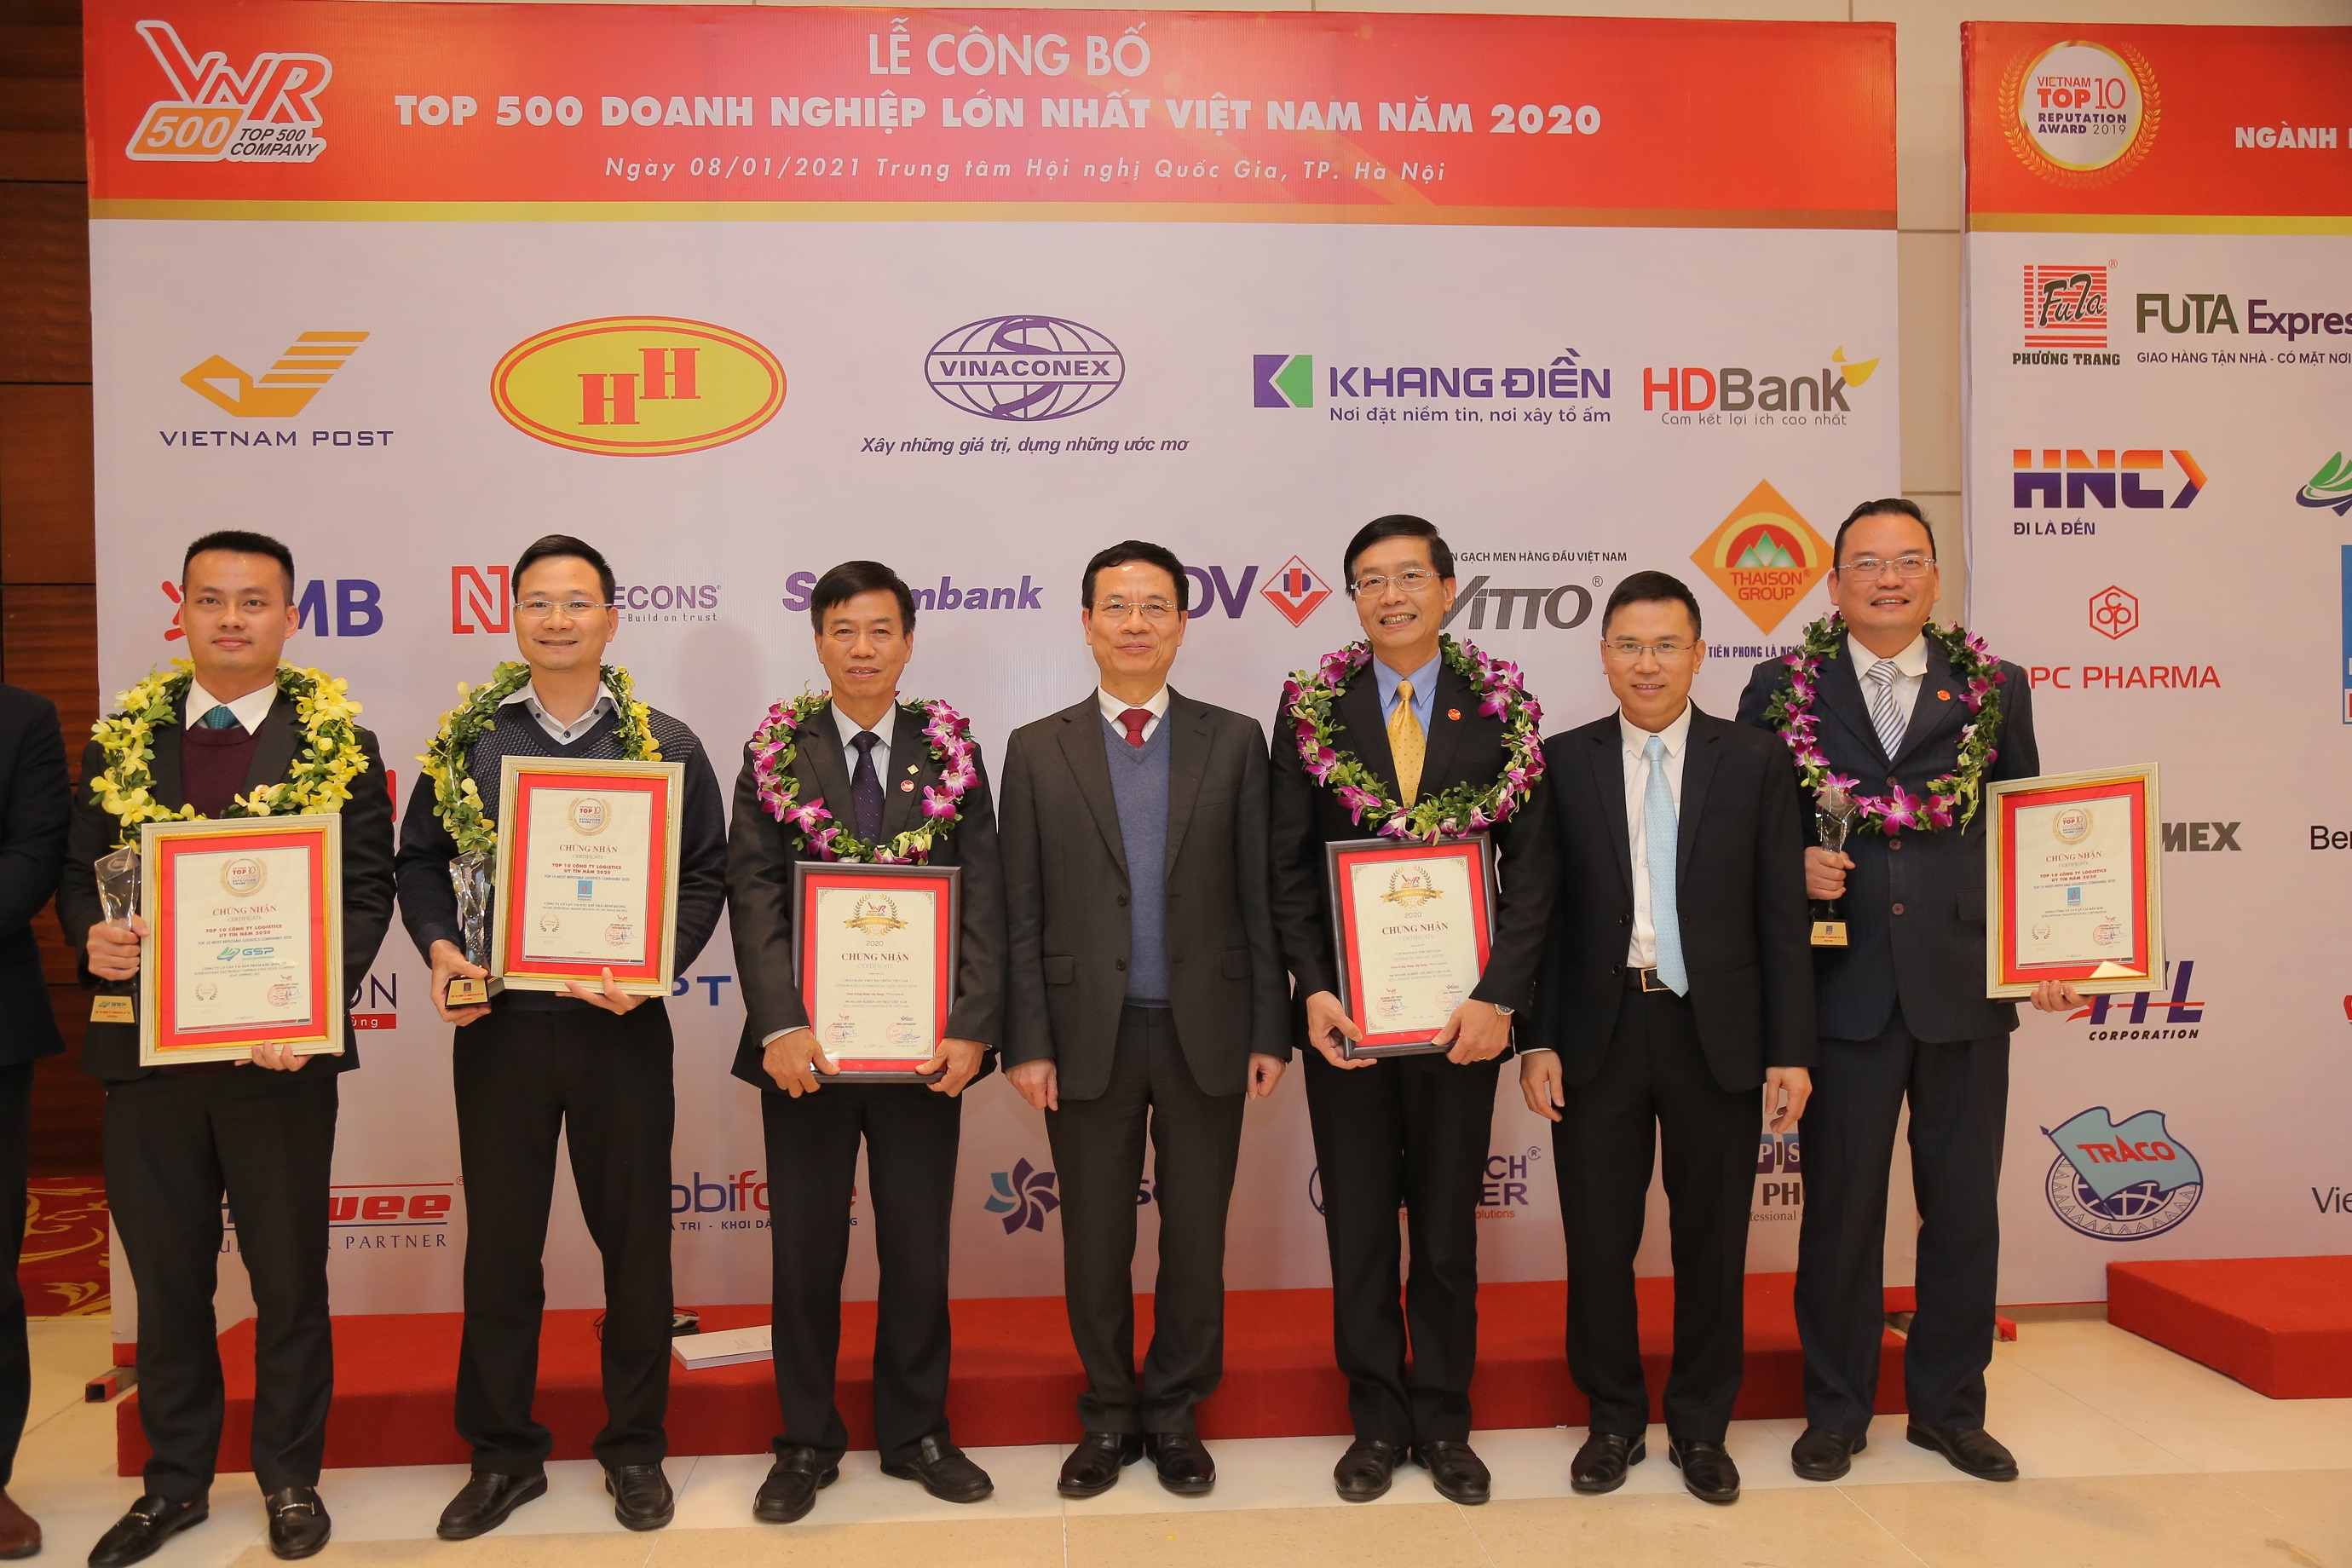 Bộ trưởng Bộ Thông tin và Truyền thông Nguyễn Mạnh Hùng cùng đại diện các doanh nghiệp Dầu khí tại lễ công bố và vinh danh